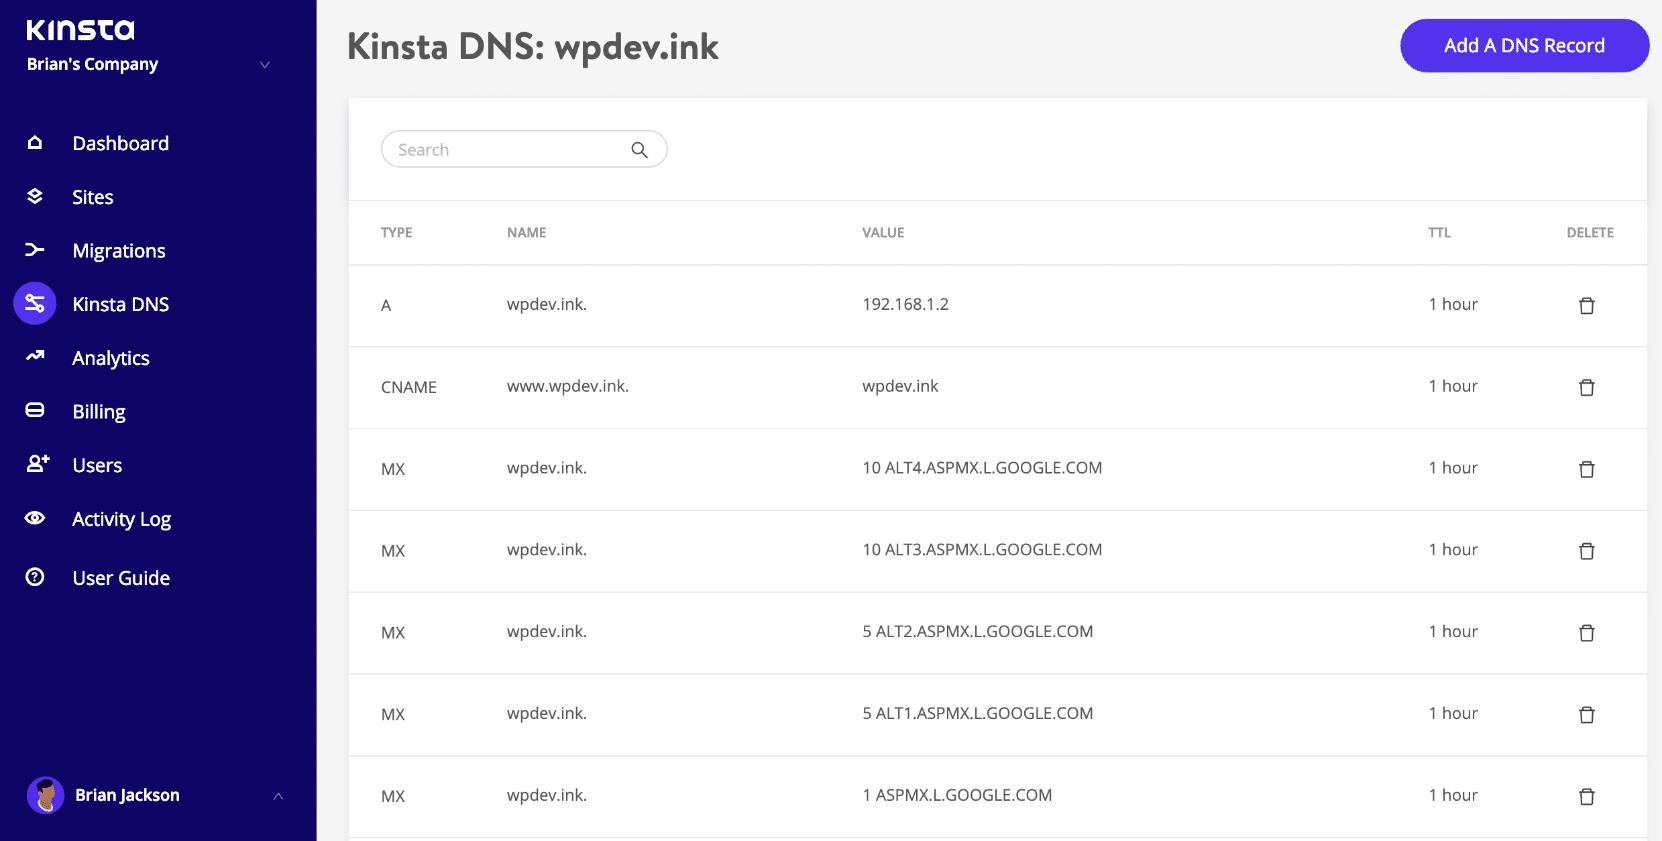 Editando registros DNS